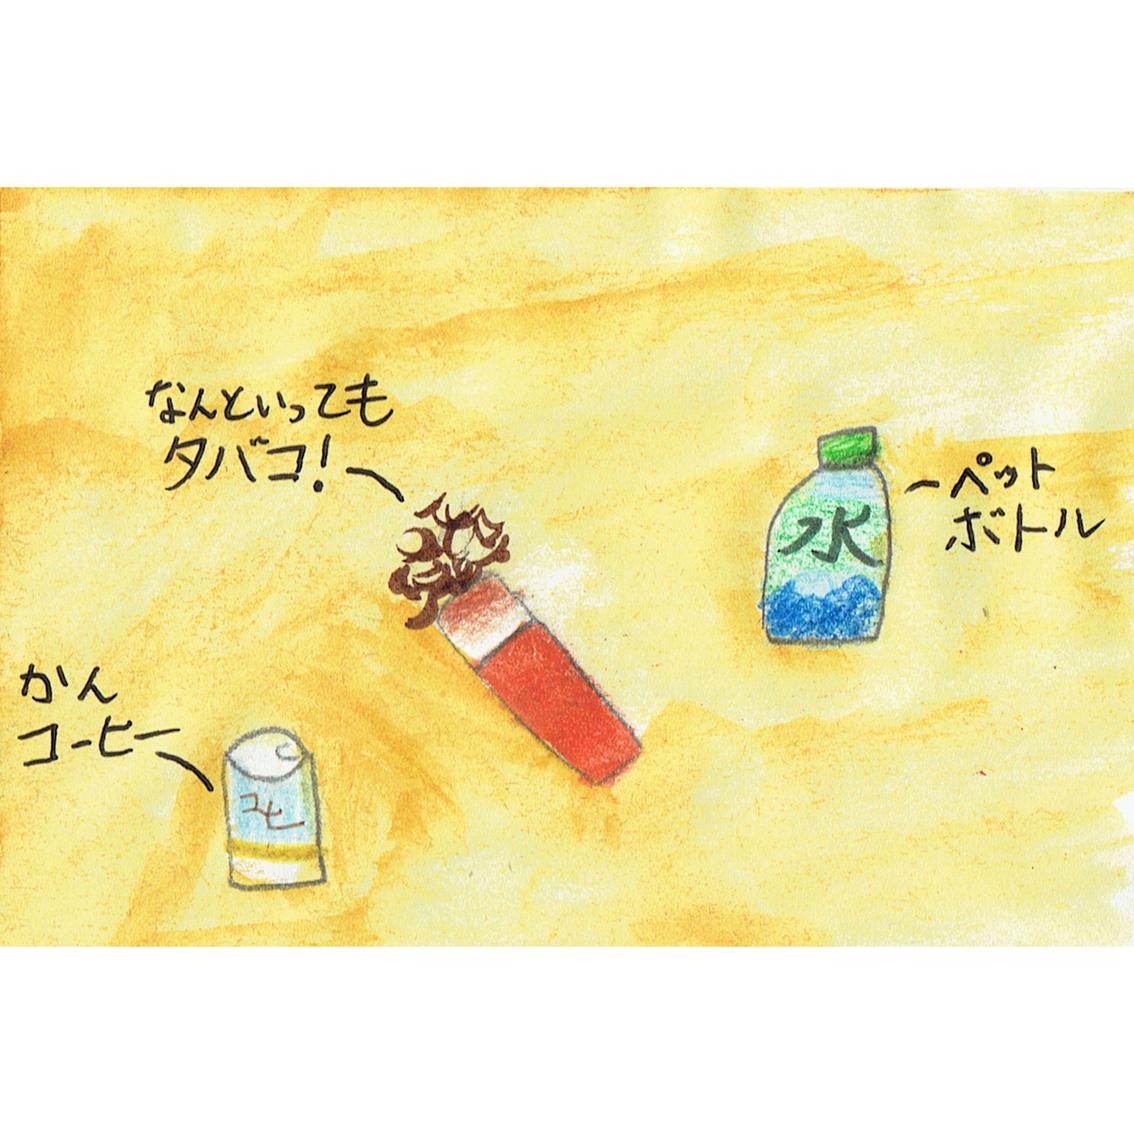 f:id:haruya-oyako:20210516180950j:plain